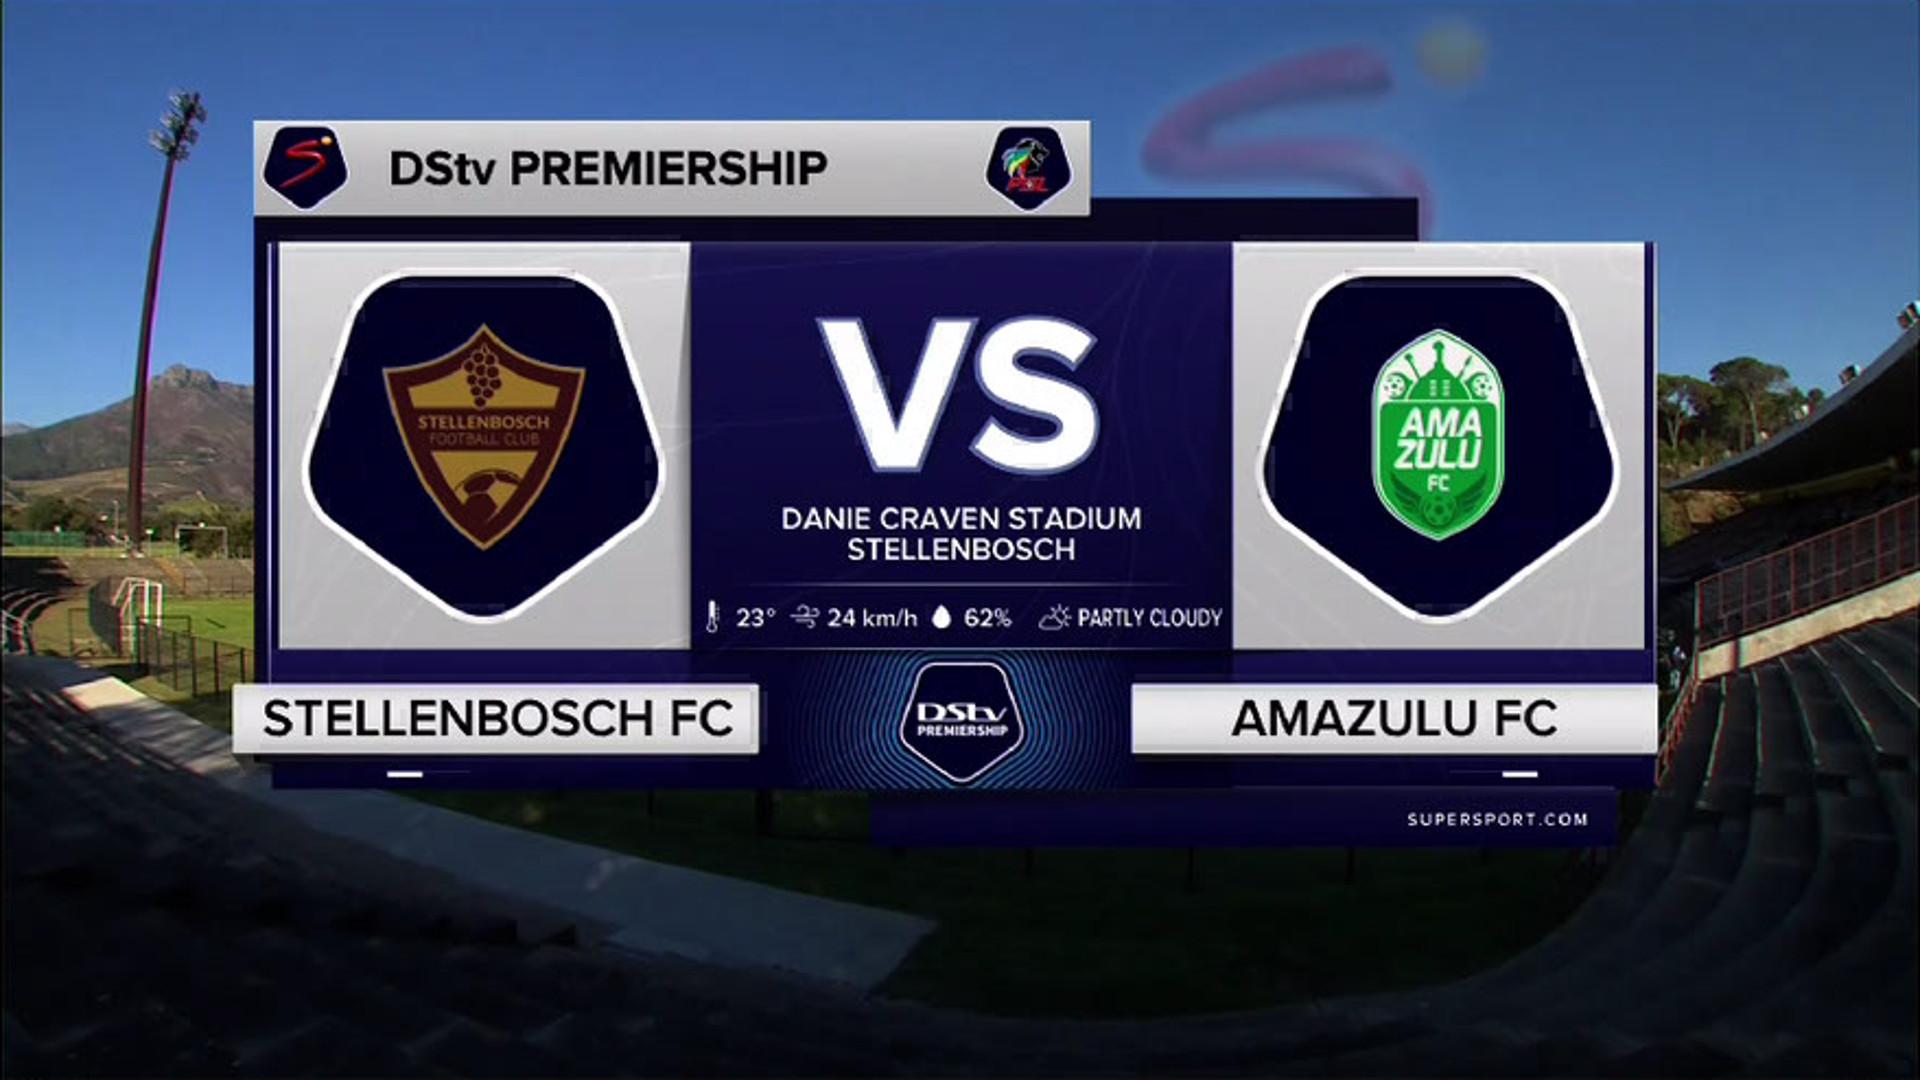 DStv Premiership I Stellenbosch FC v AmaZulu l Highlights